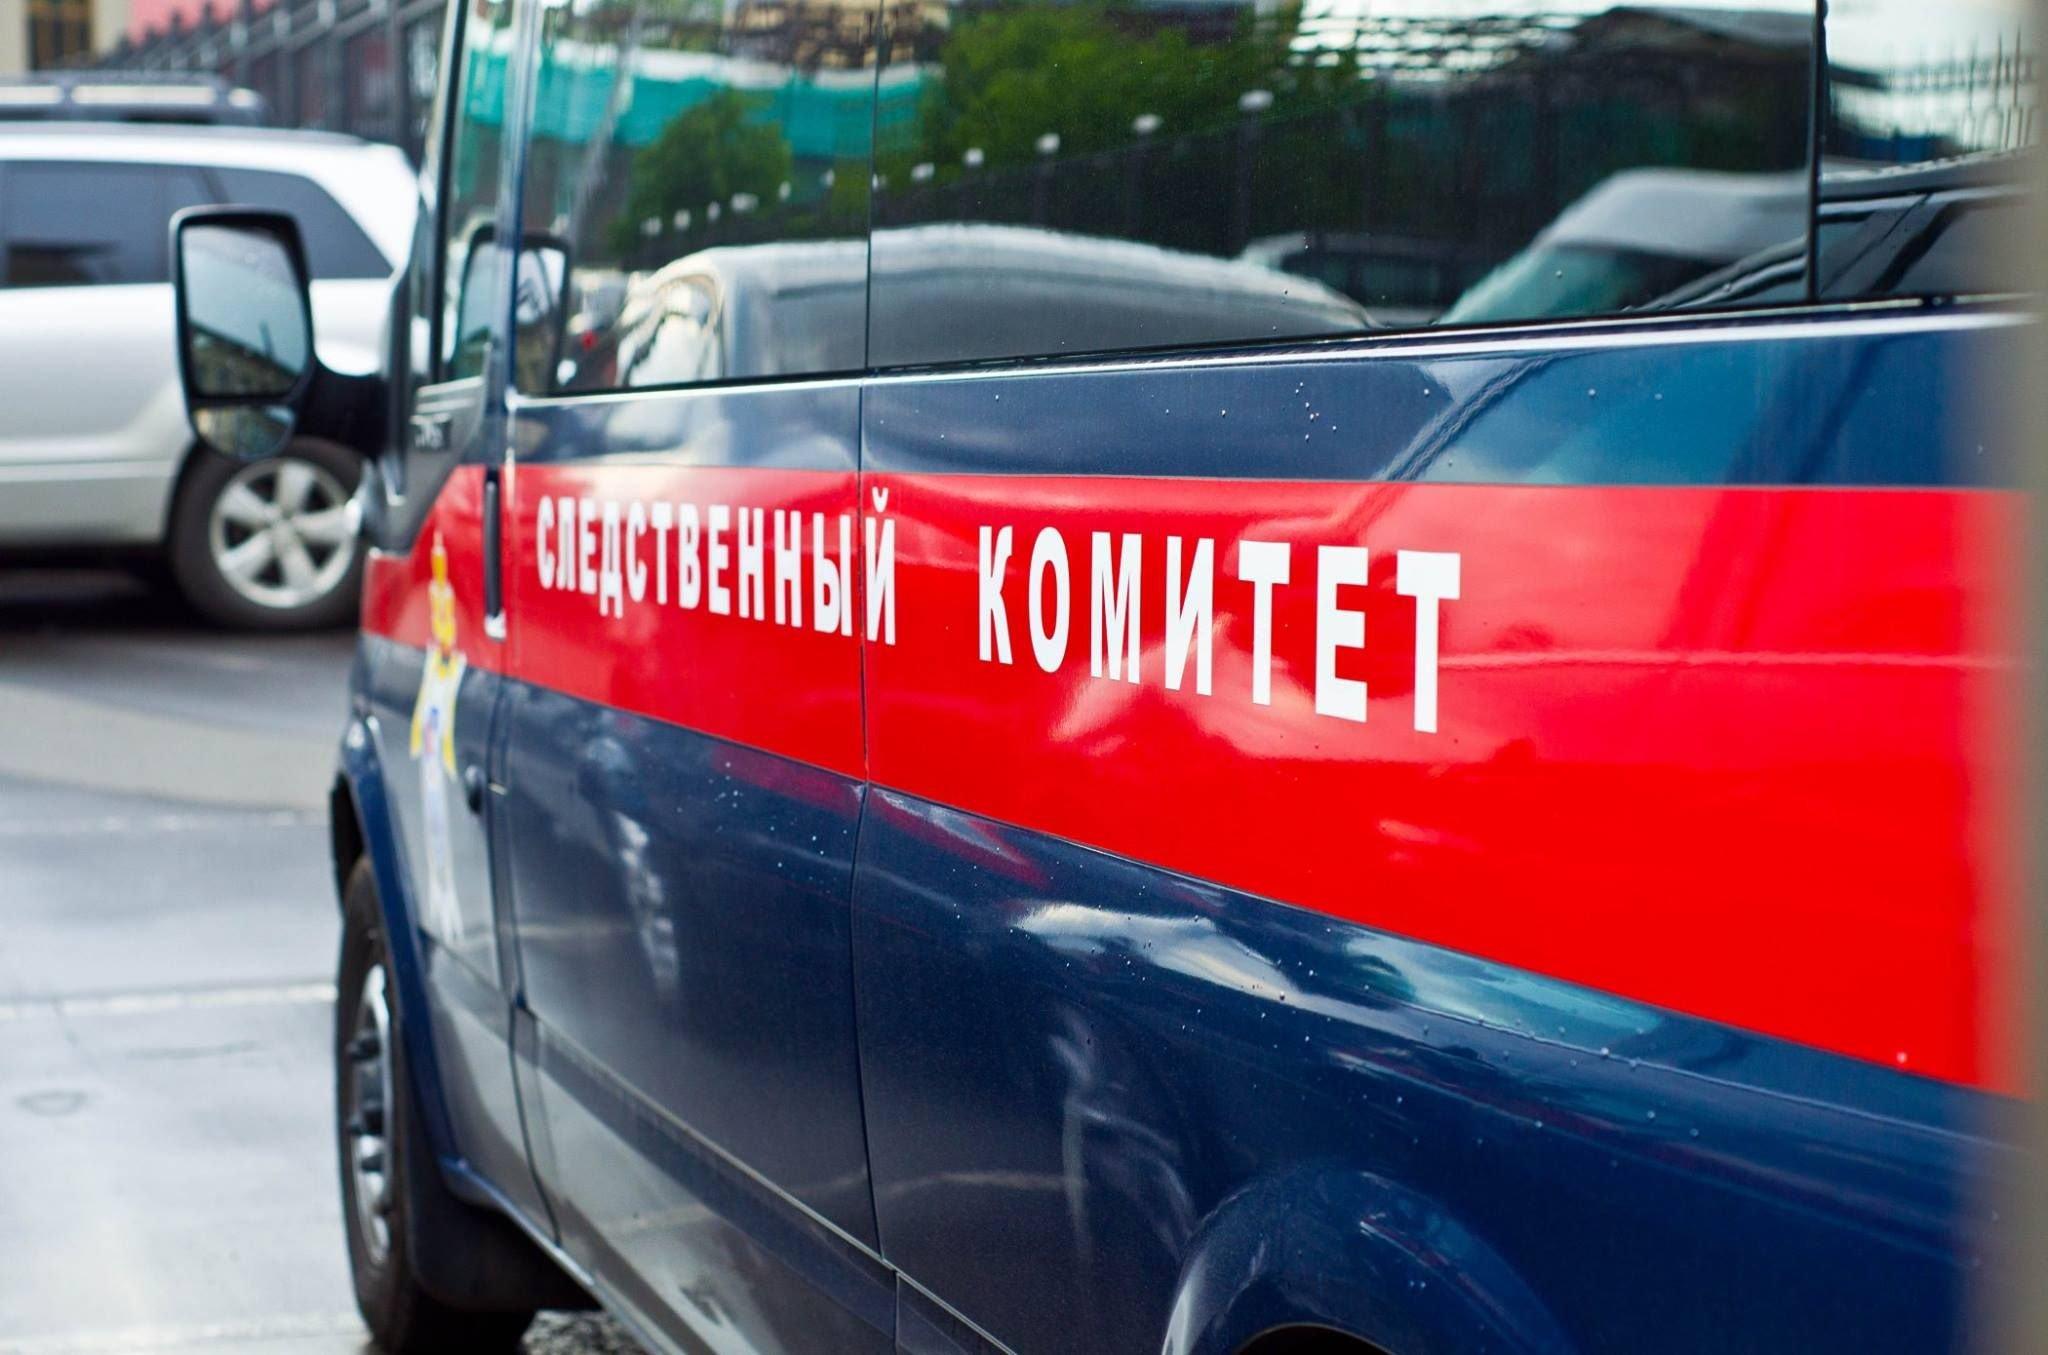 Шоферу грузового автомобиля - участника ДТП под Ярославлем предъявлены обвинения